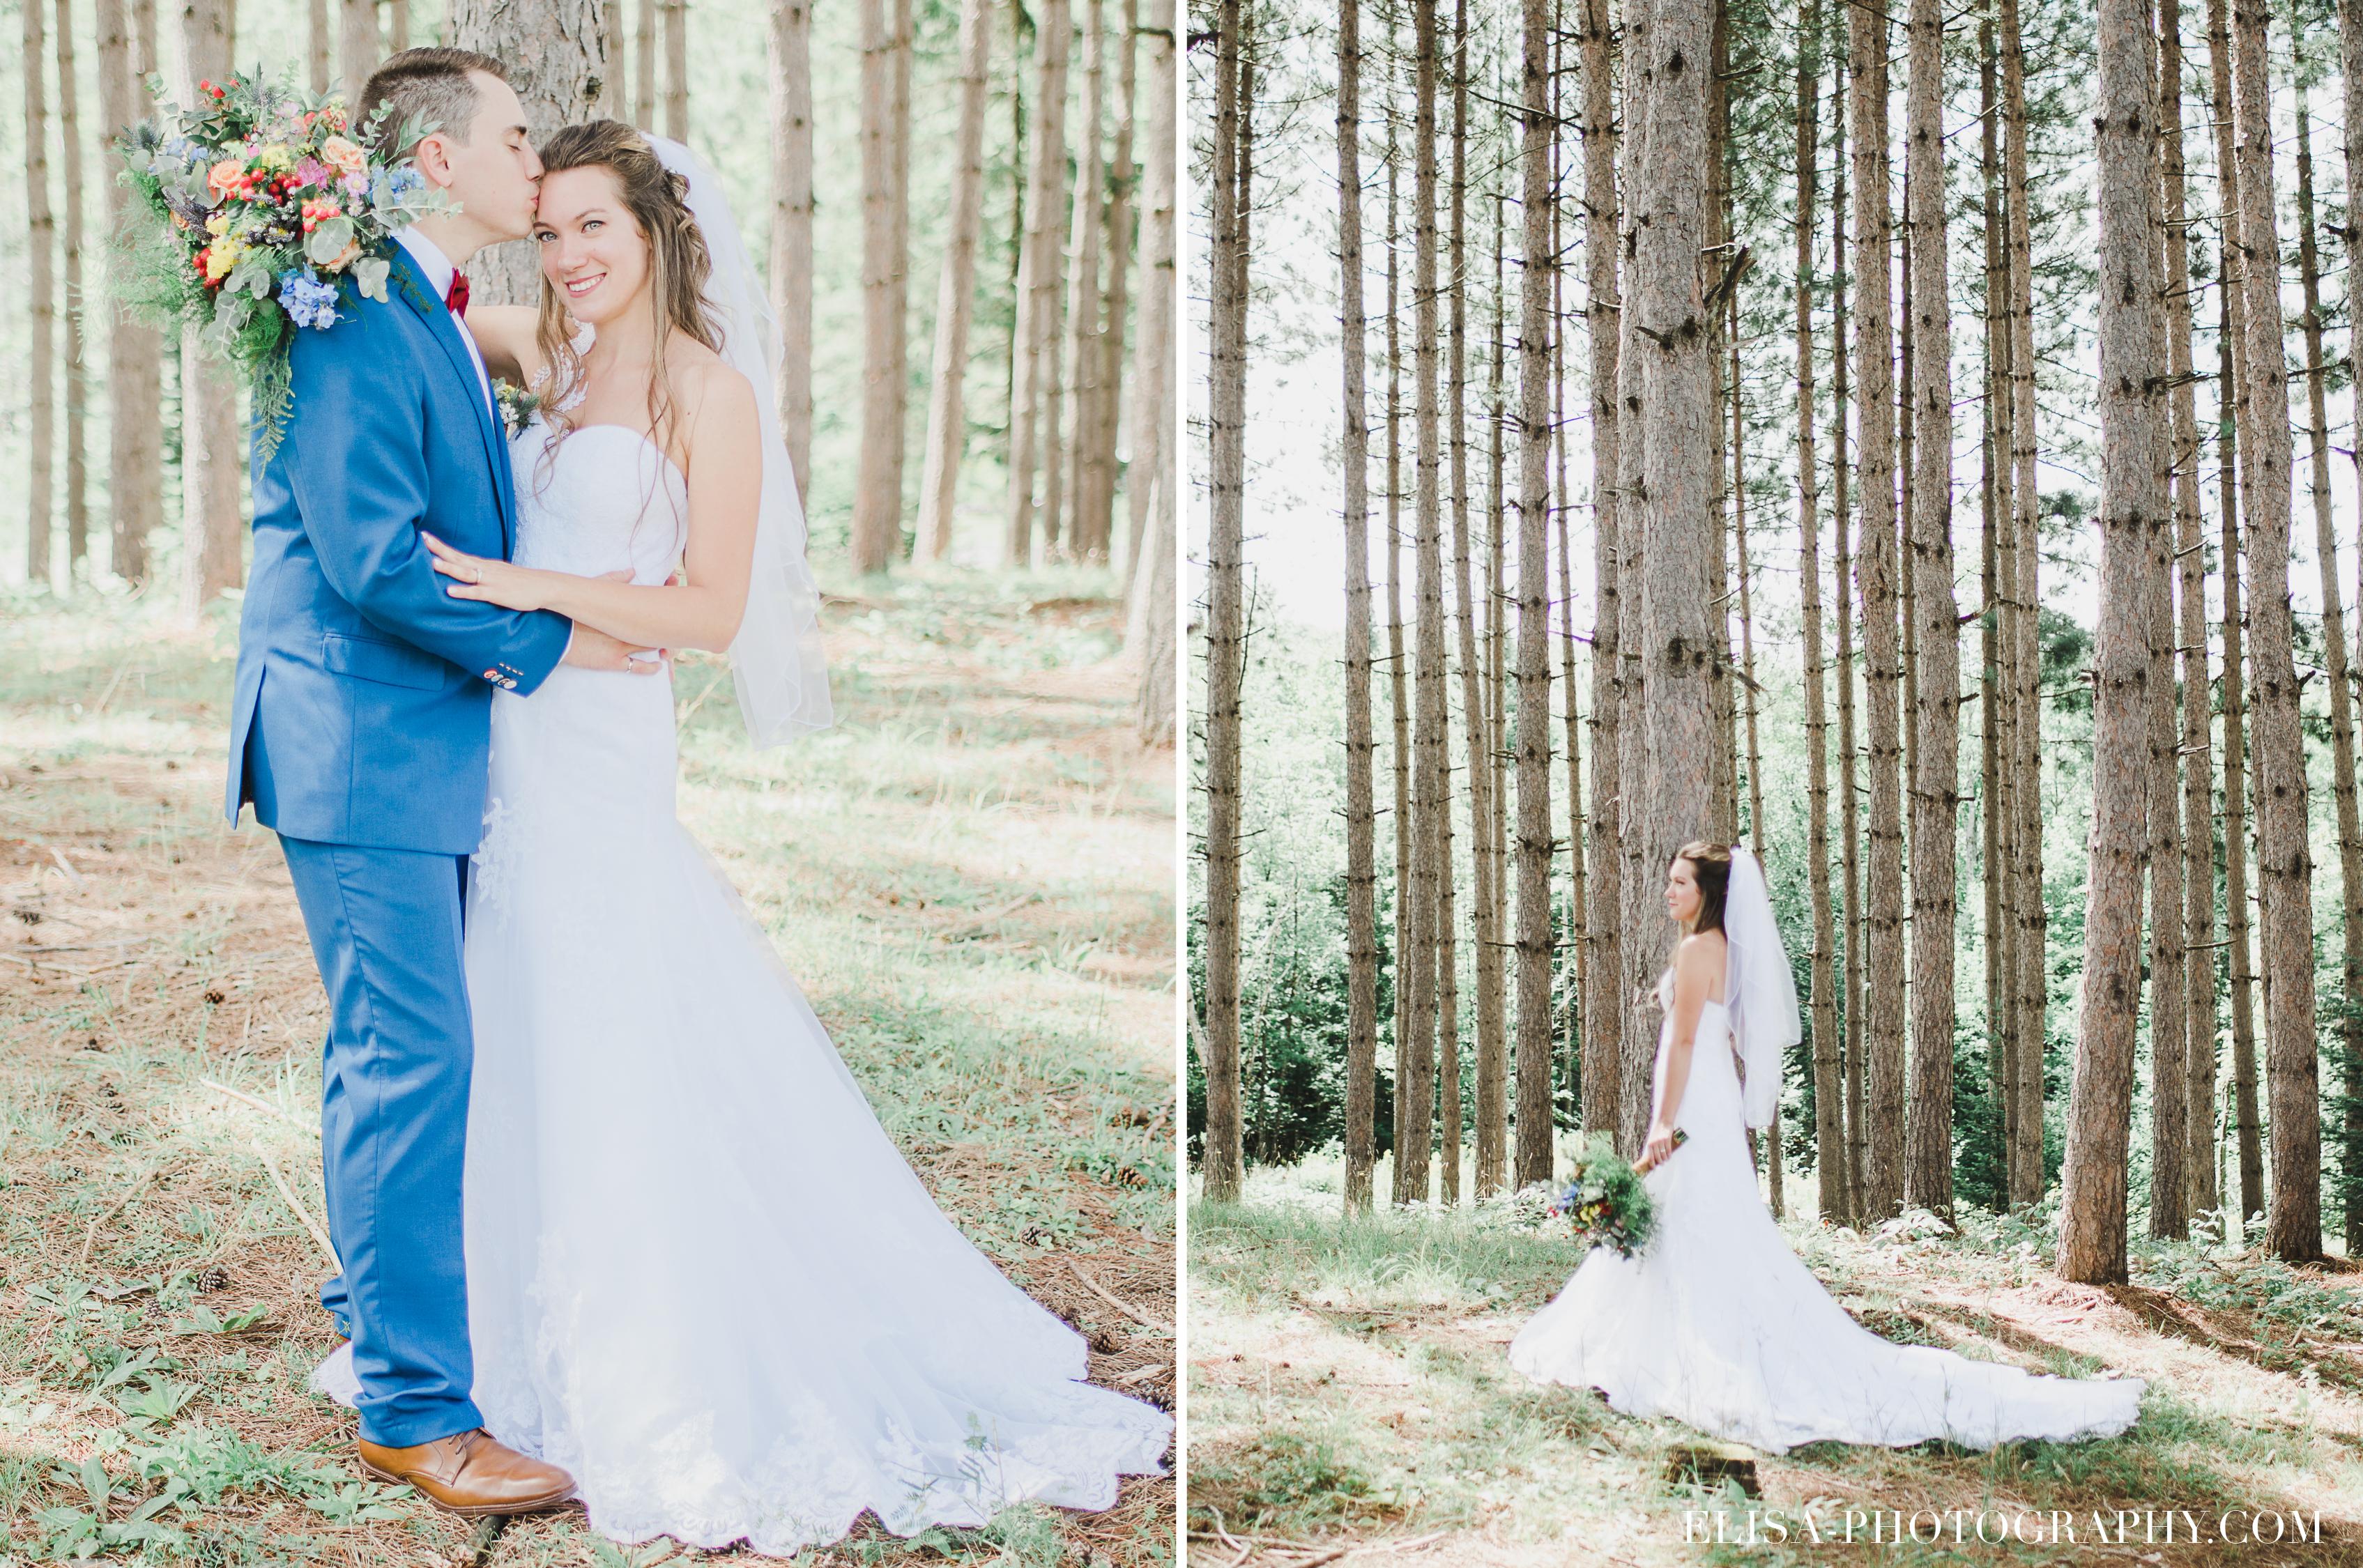 photo mariage grange rouge quebec foret conifere sapin - Mariage coloré à la grange rouge de Brompton